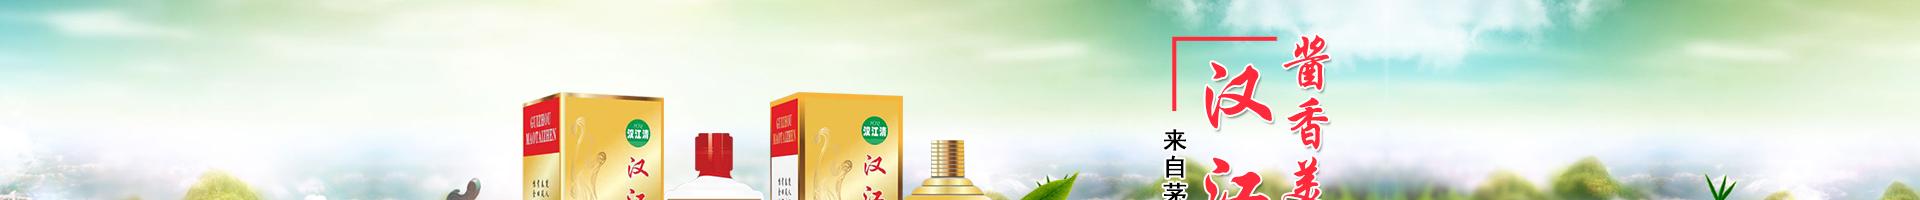 贵州民族酒业(集团)有限公司汉江清酒全国运营中心